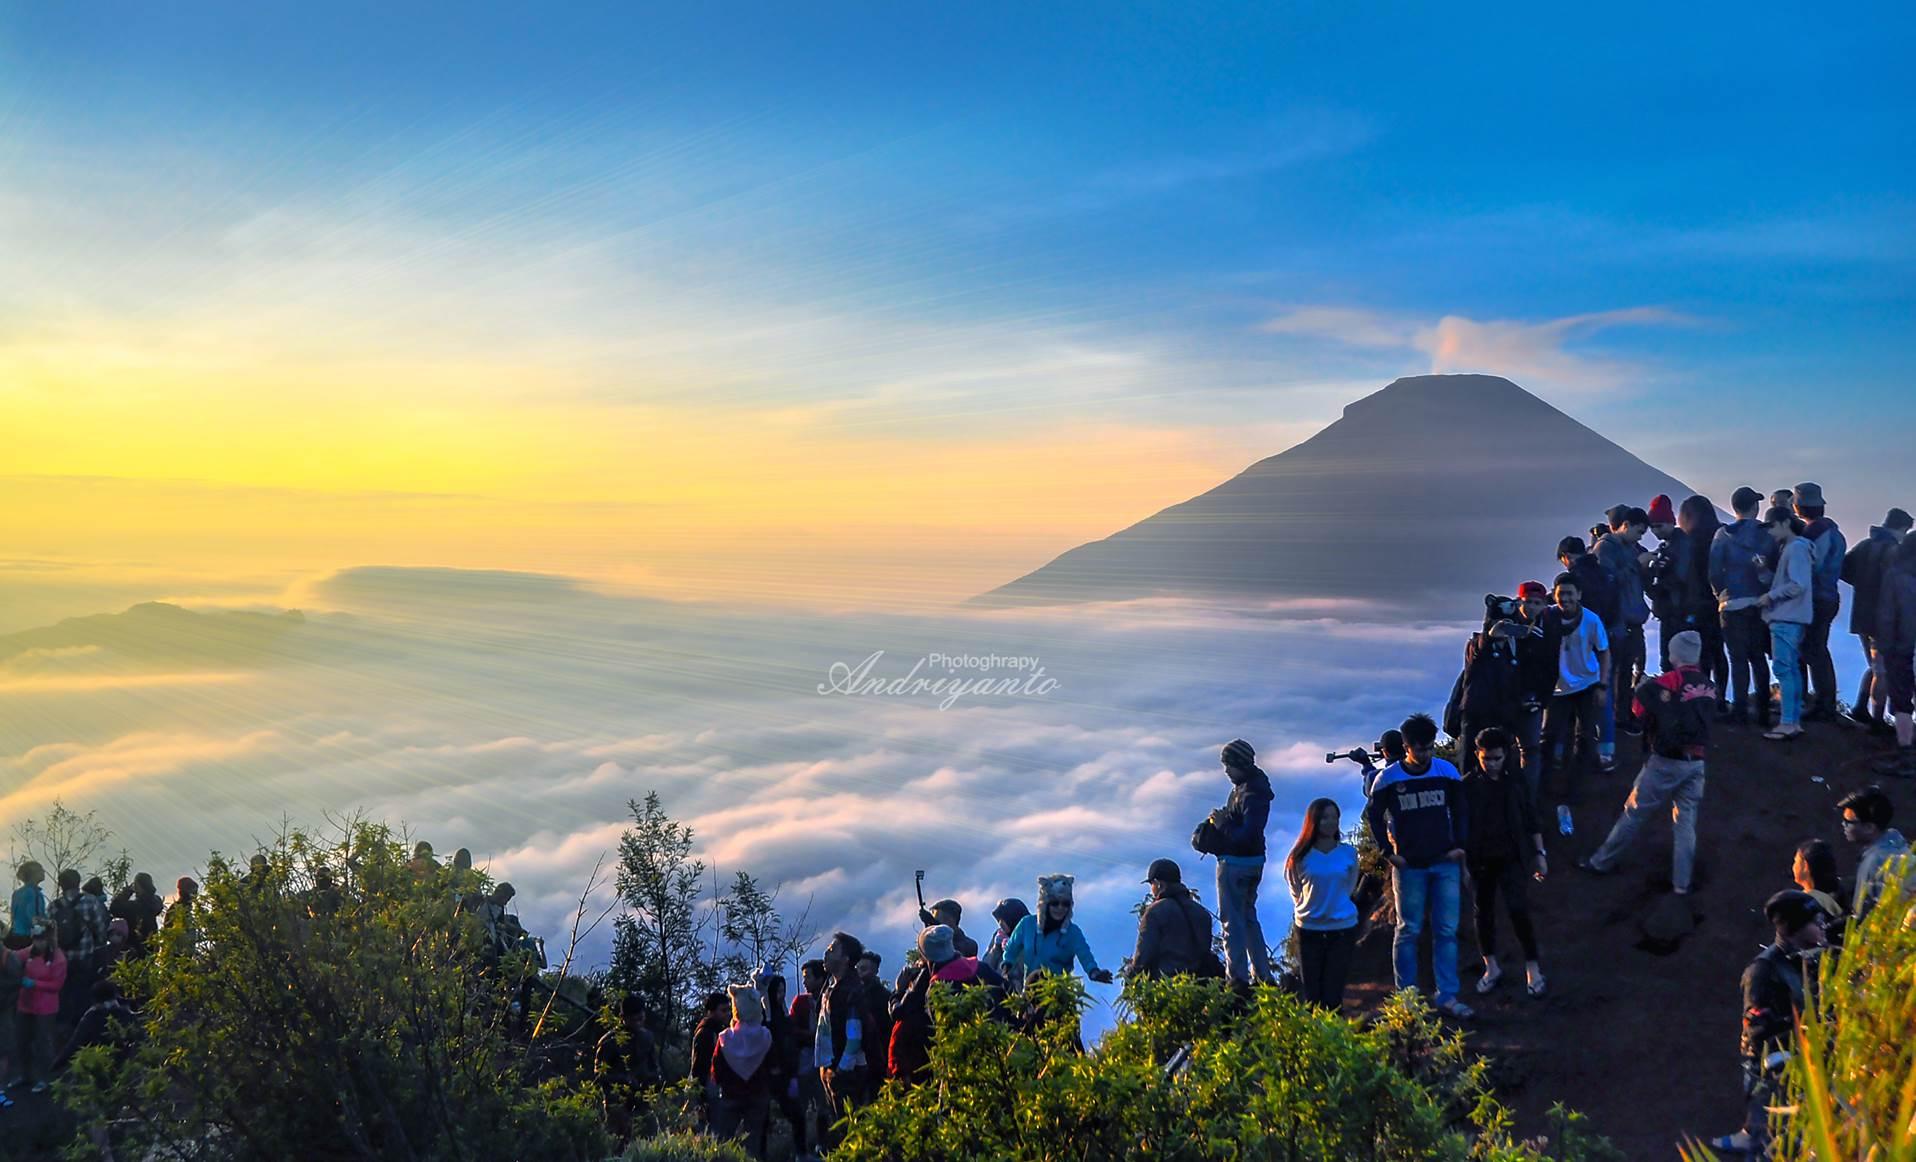 Wisata Dieng : 3 Tempat Ini Wajib Anda Kunjungi